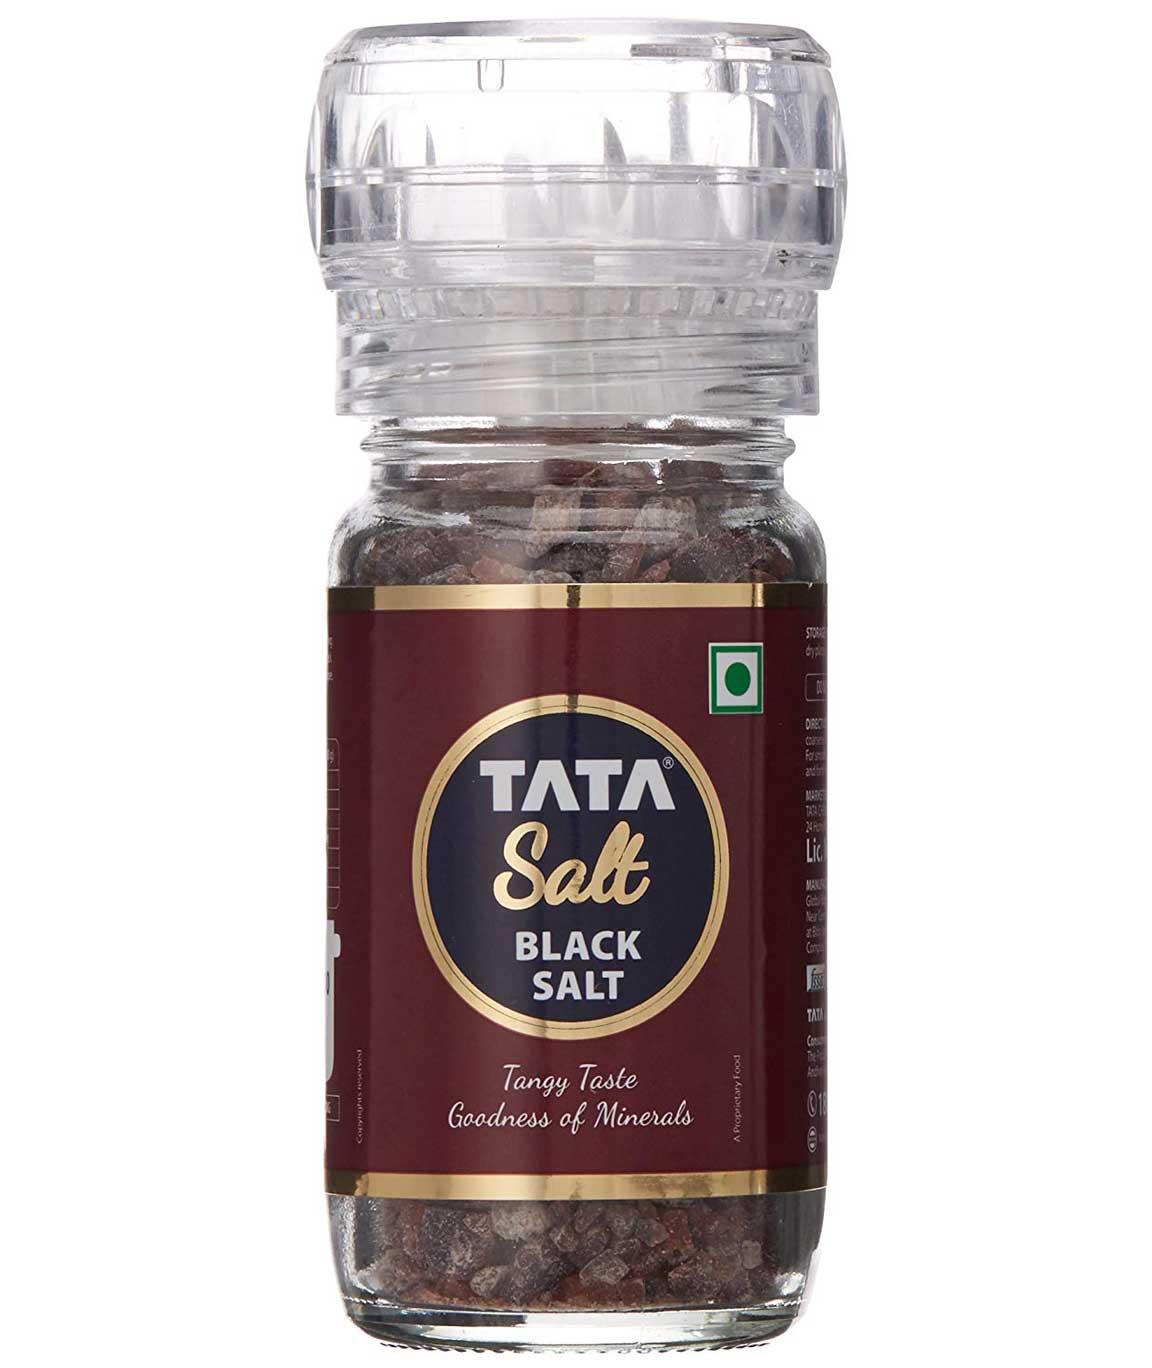 Tata Salt Black Salt 100g